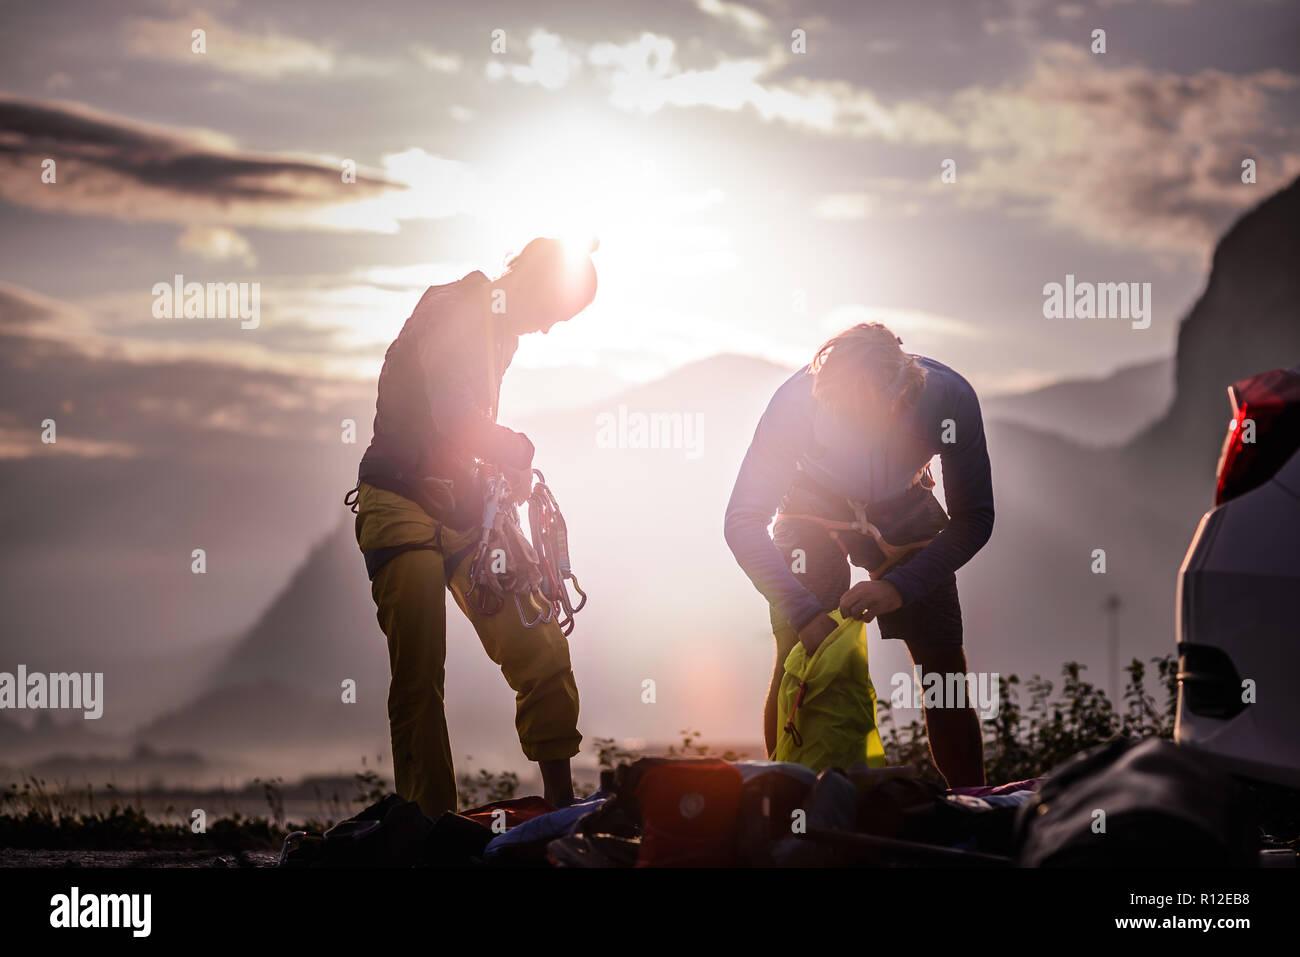 Amigos en viaje de escalada en roca, Squamish, Canadá Imagen De Stock